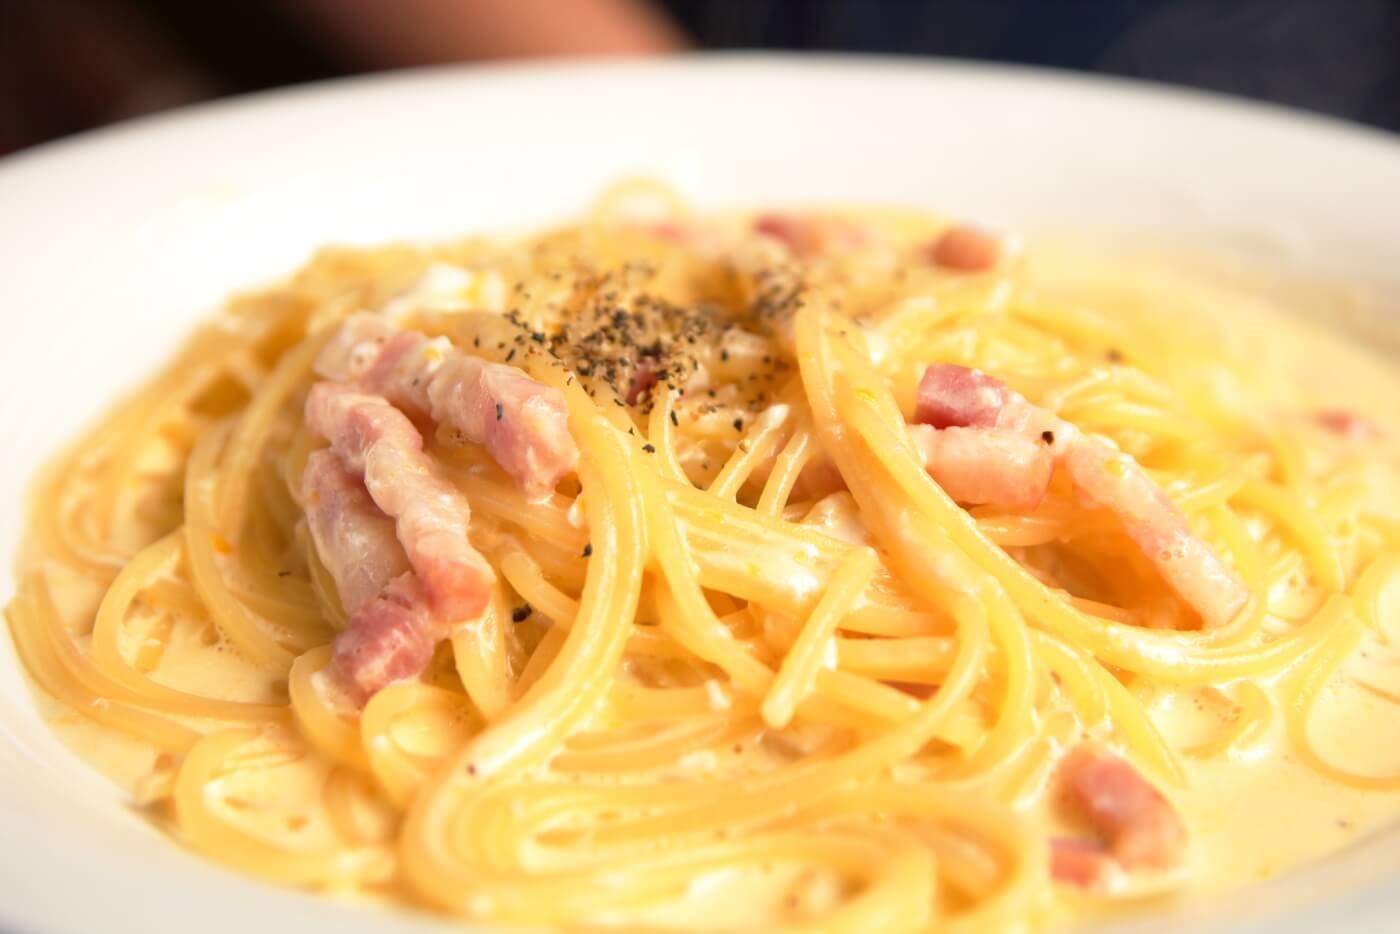 南国市浜改田 ナポリの風 パスタセット ベーコンと卵のカルボナーラ